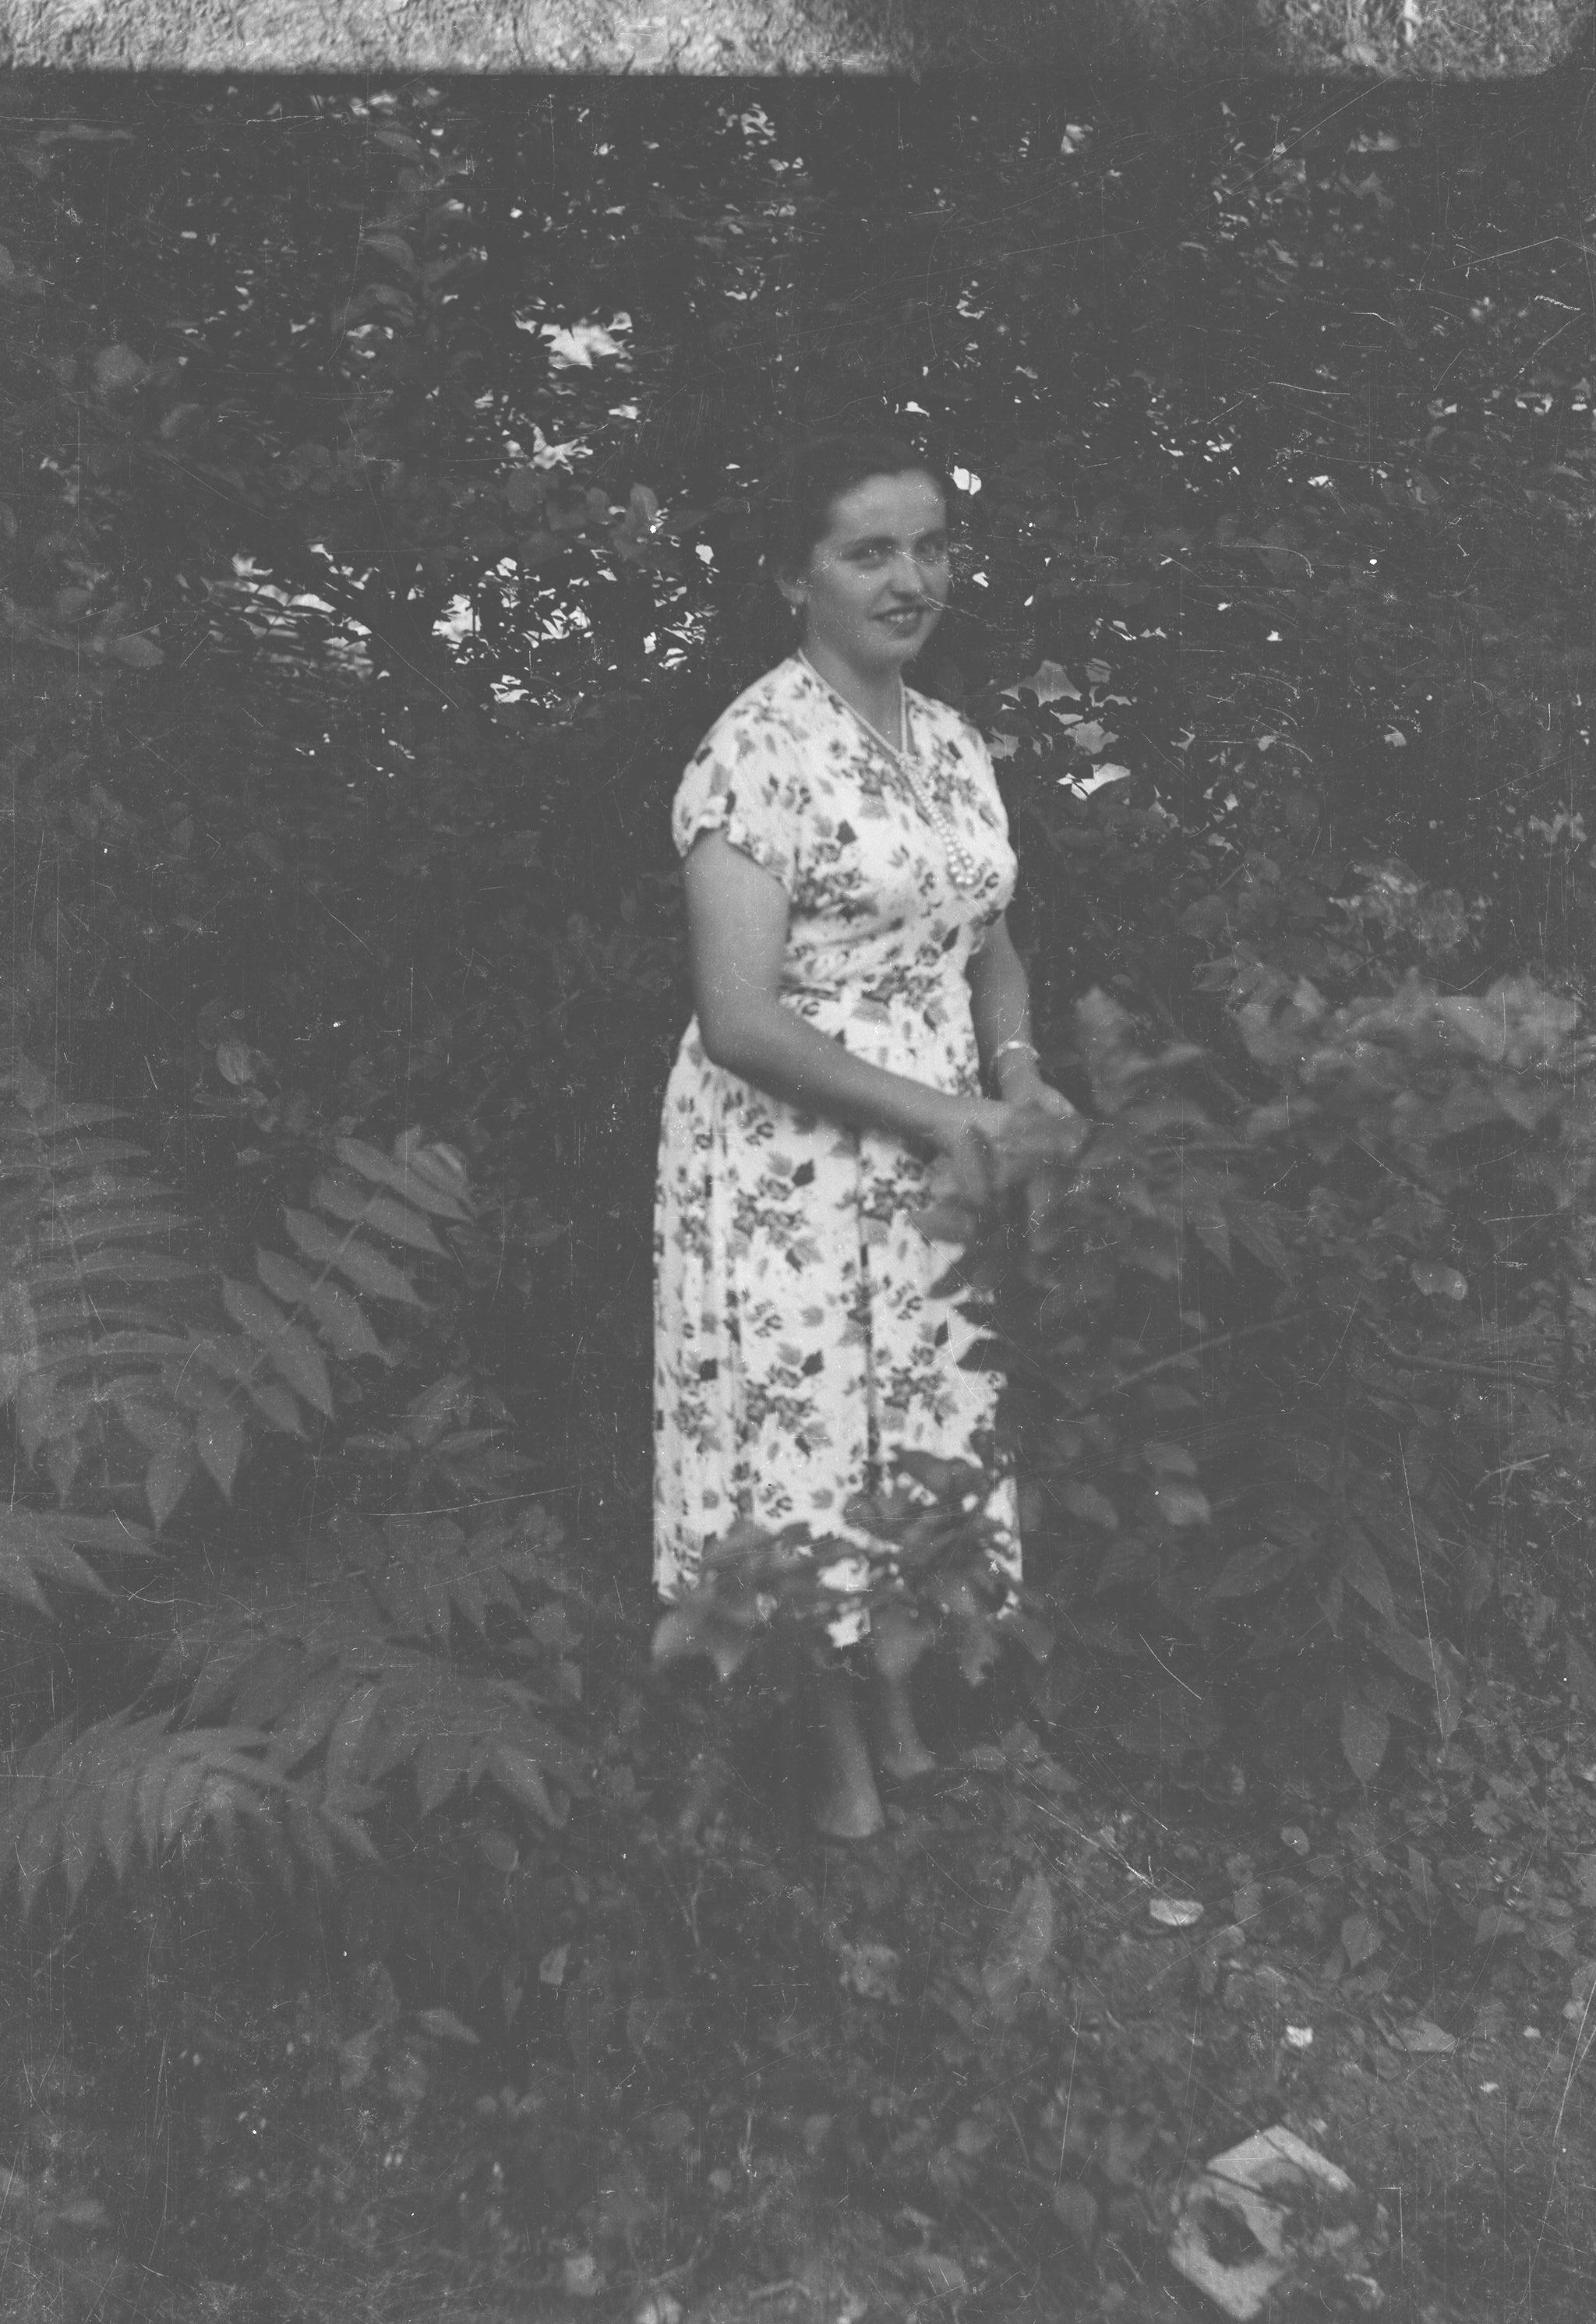 Janina Żurawel, Węglewo, Dolny Śląsk, lata 50. XX w.